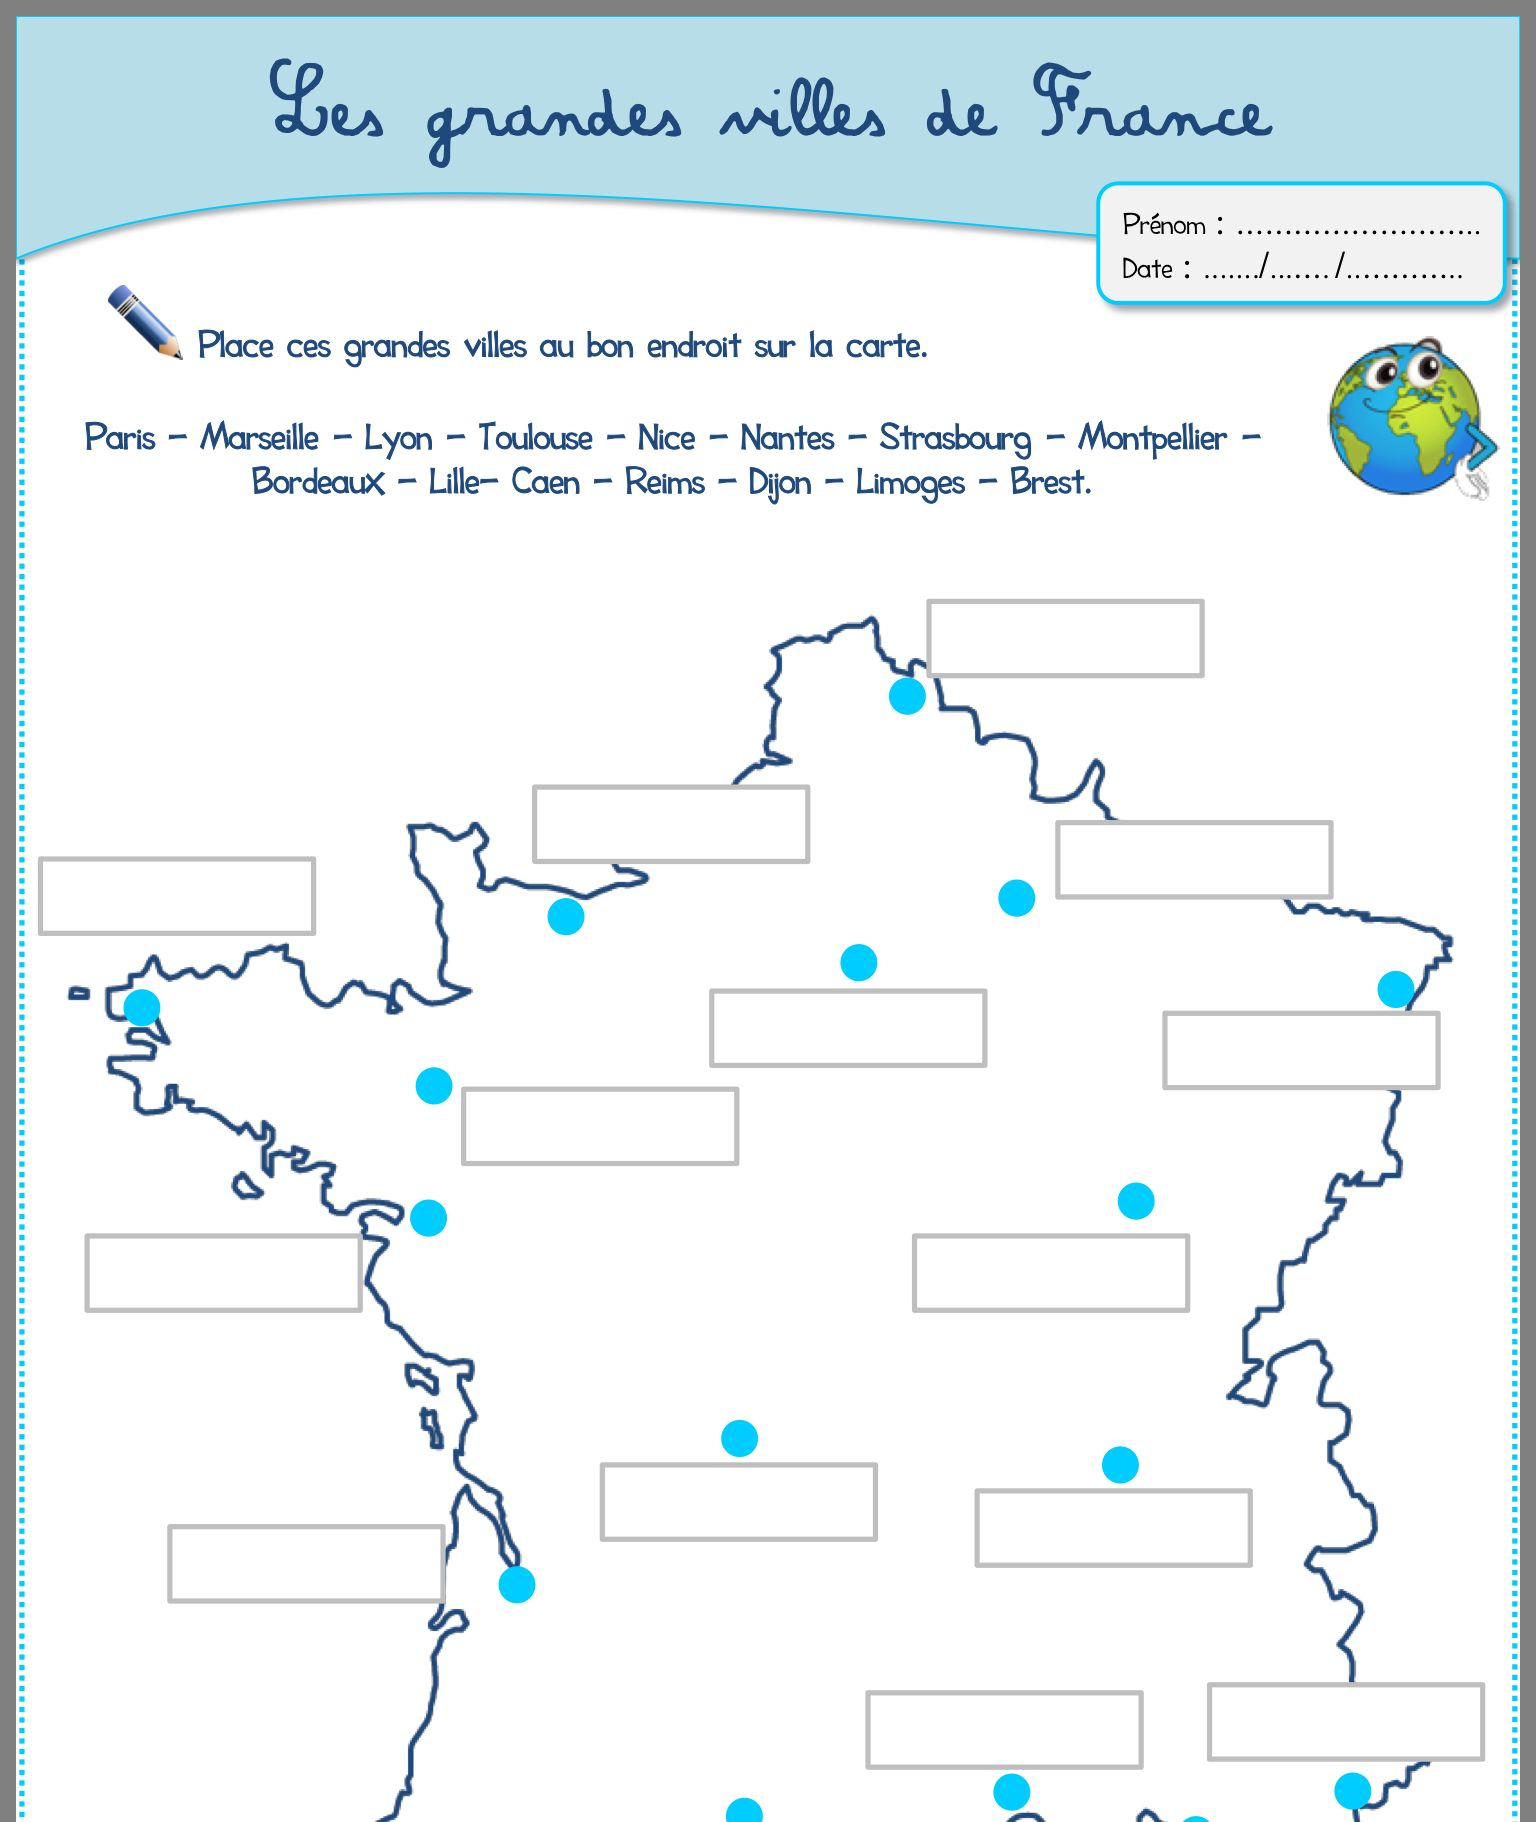 Épinglé Par Kant & Kler Sur Vakantie | Ville France concernant Carte De France Muette À Compléter